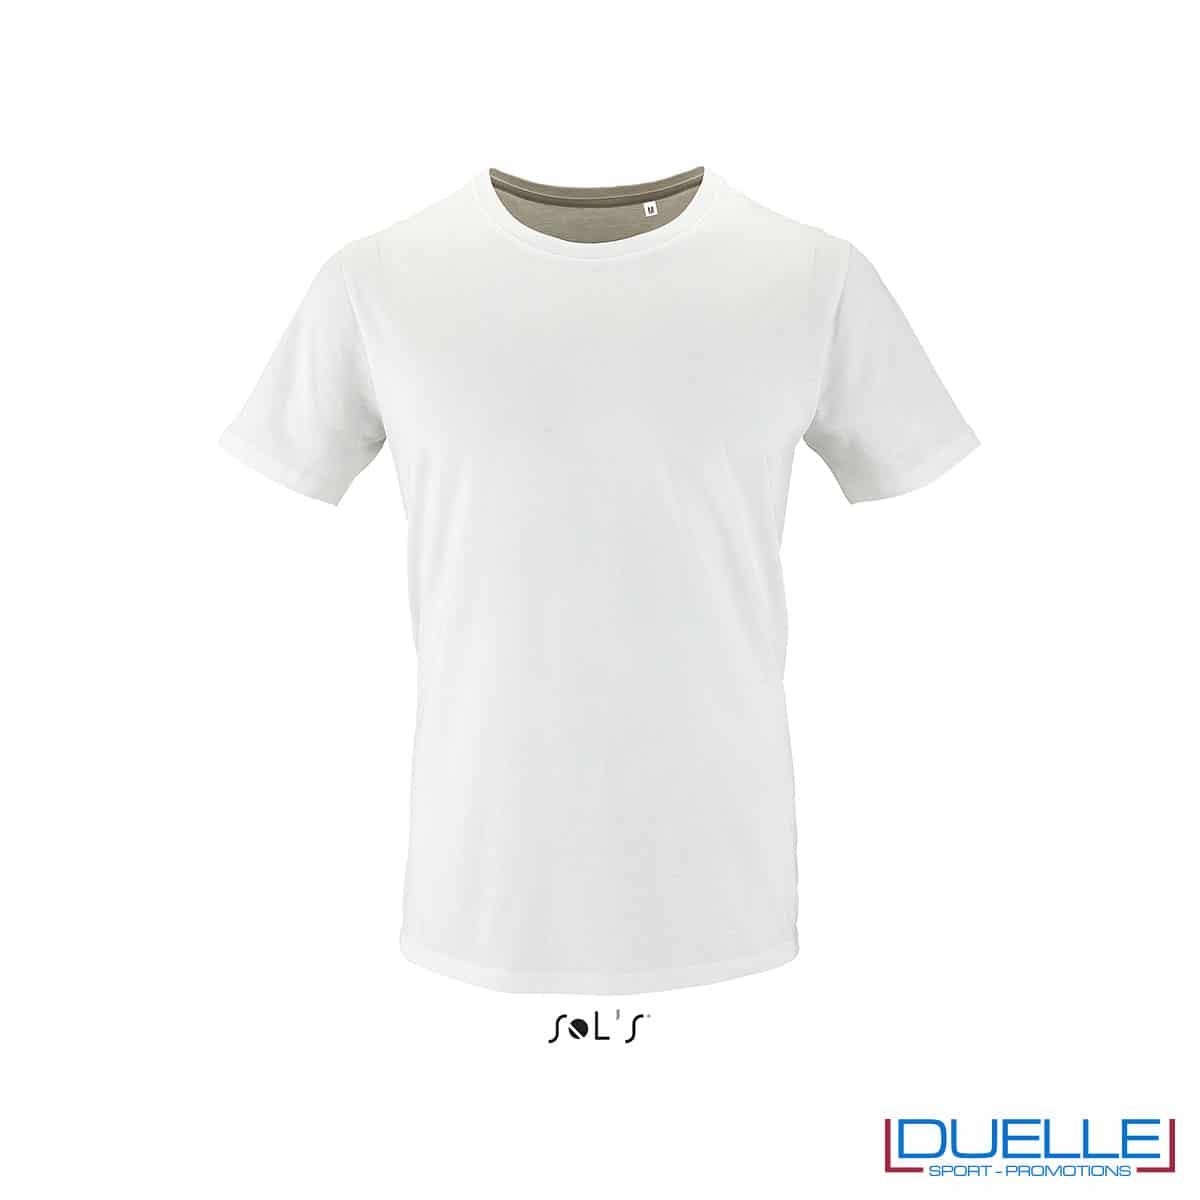 T-shirt 100% cotone biologico colore bianco personalizzata con il tuo logo